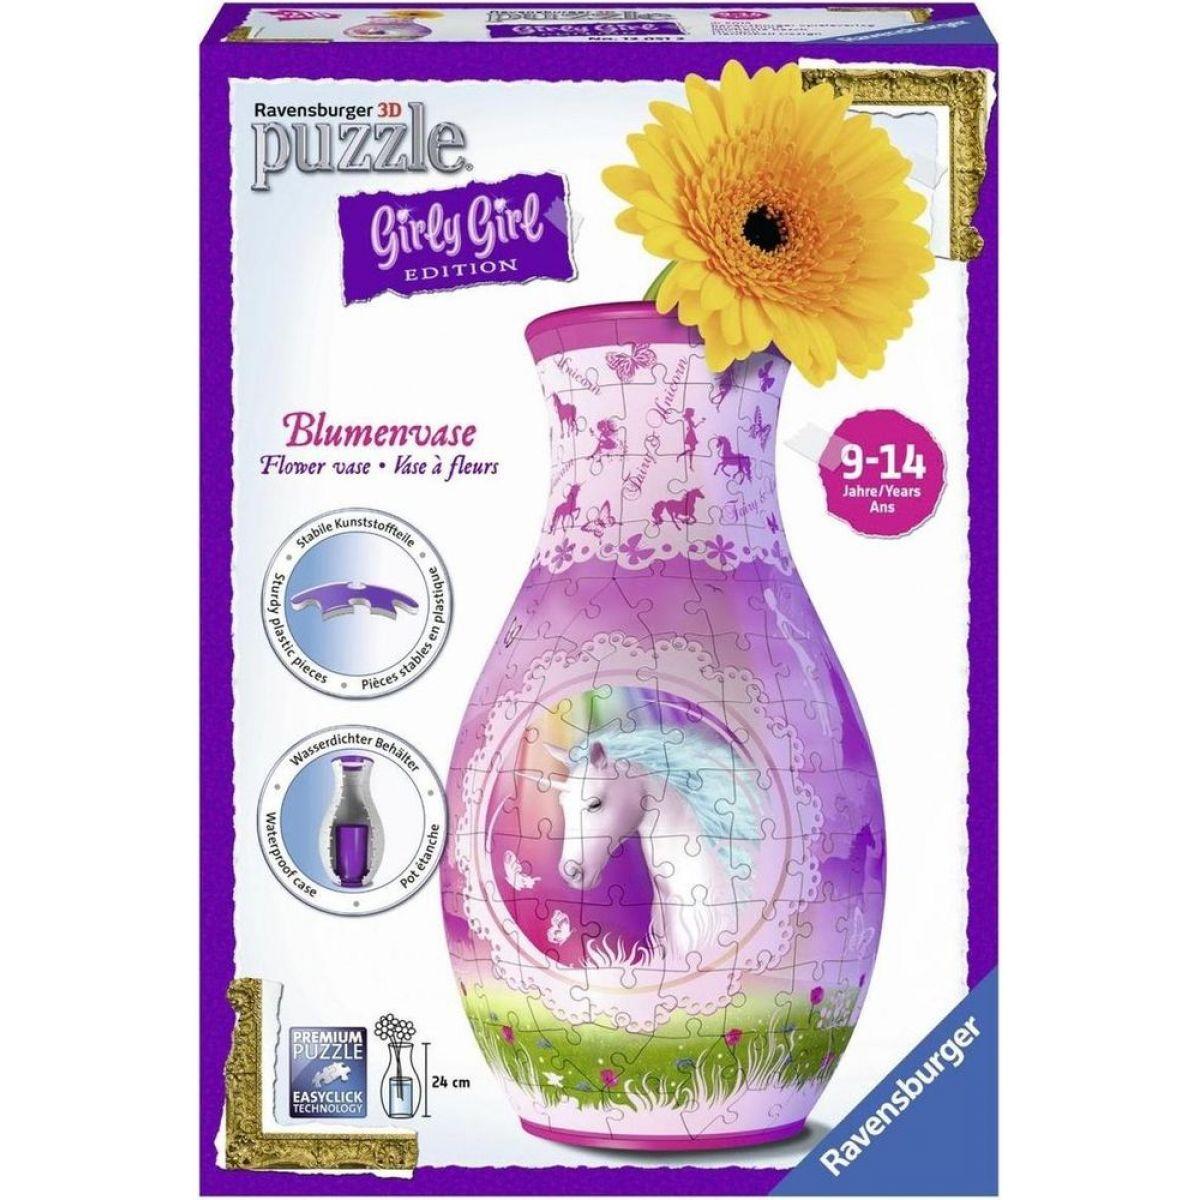 Ravensburger 3D Girly Girl Váza Jednorožec